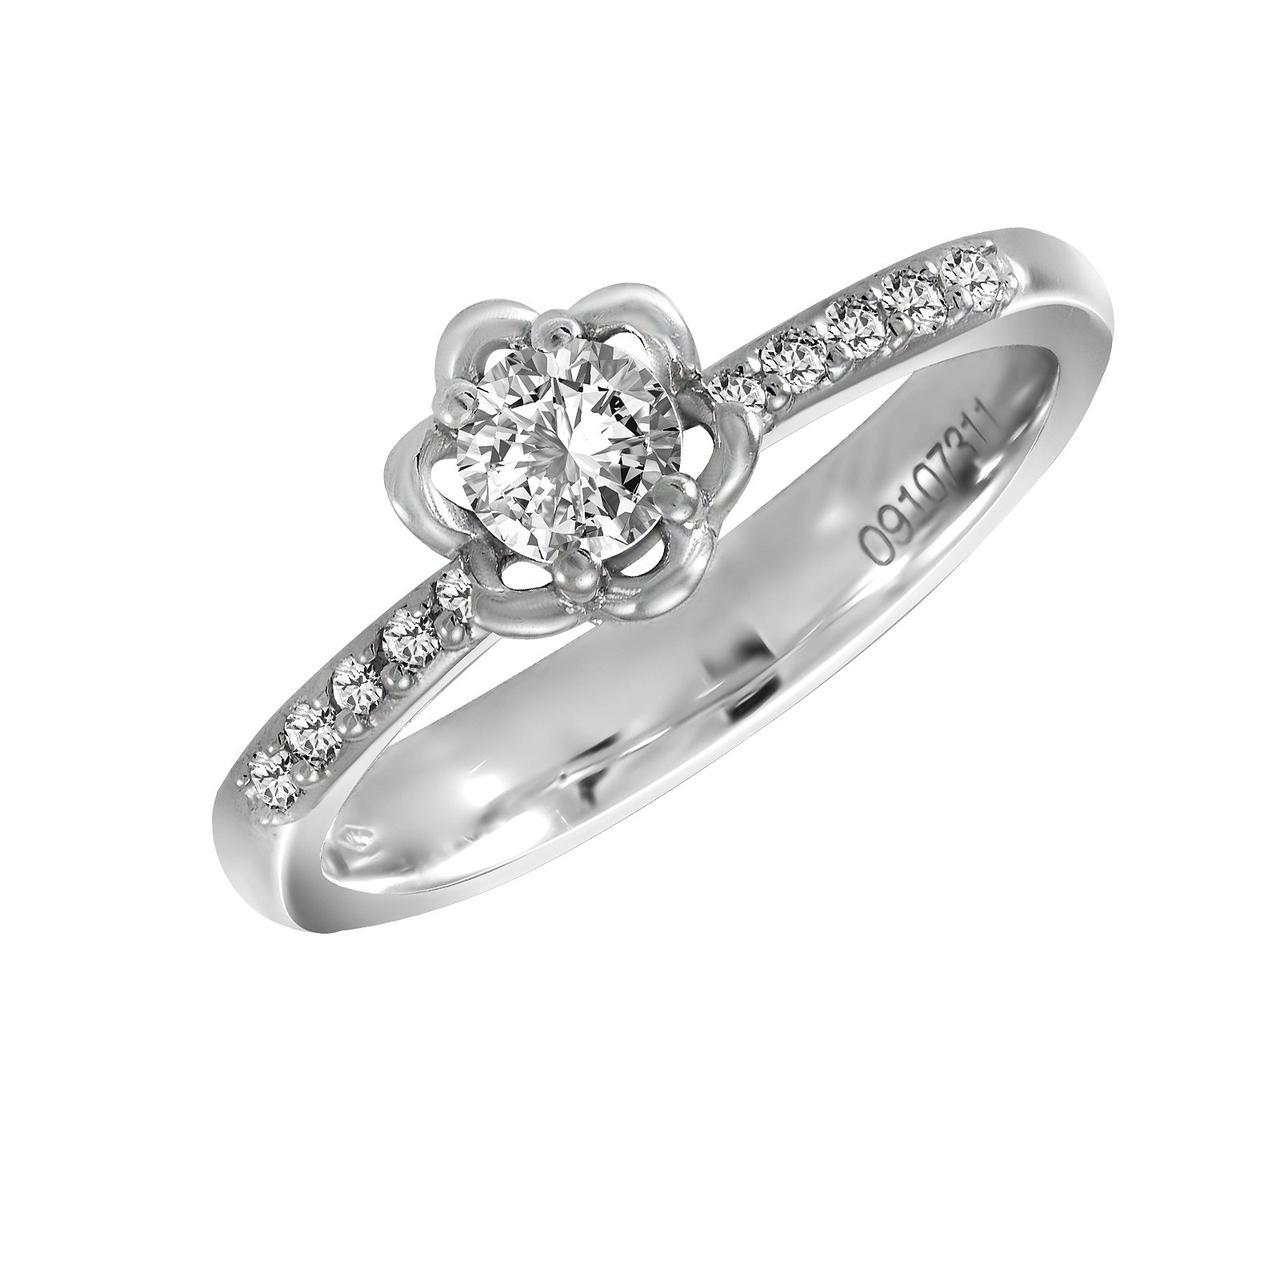 Золотое кольцо с бриллиантами, размер 16.5 (1723983)